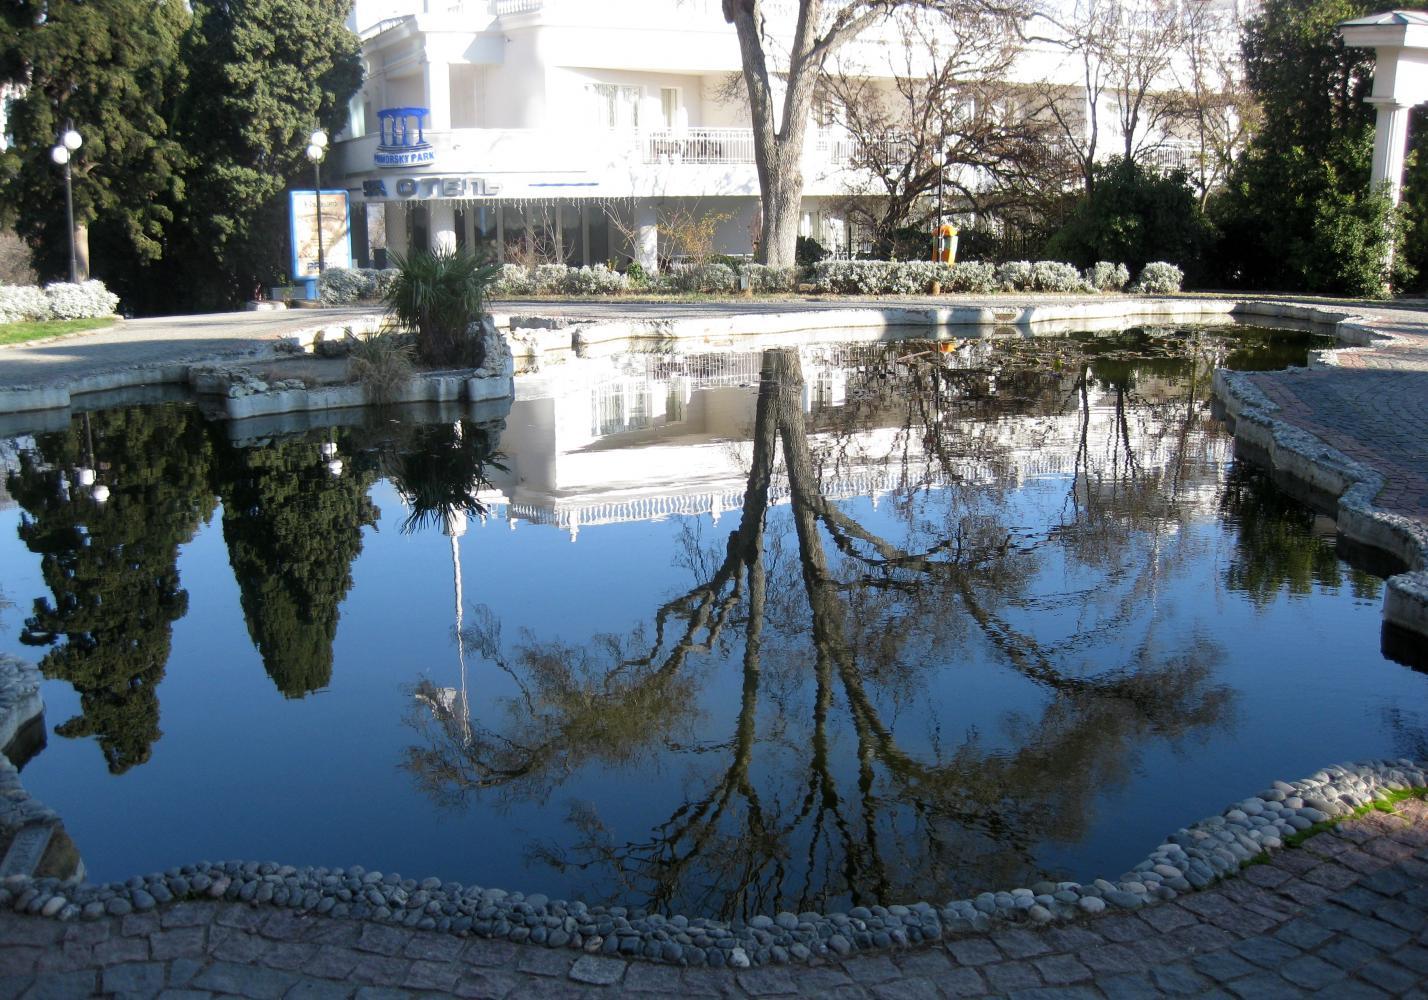 Вид входа в отель. Озеро и зелень вокруг! Солнечно и ардостно, а ведь это 3-е января!